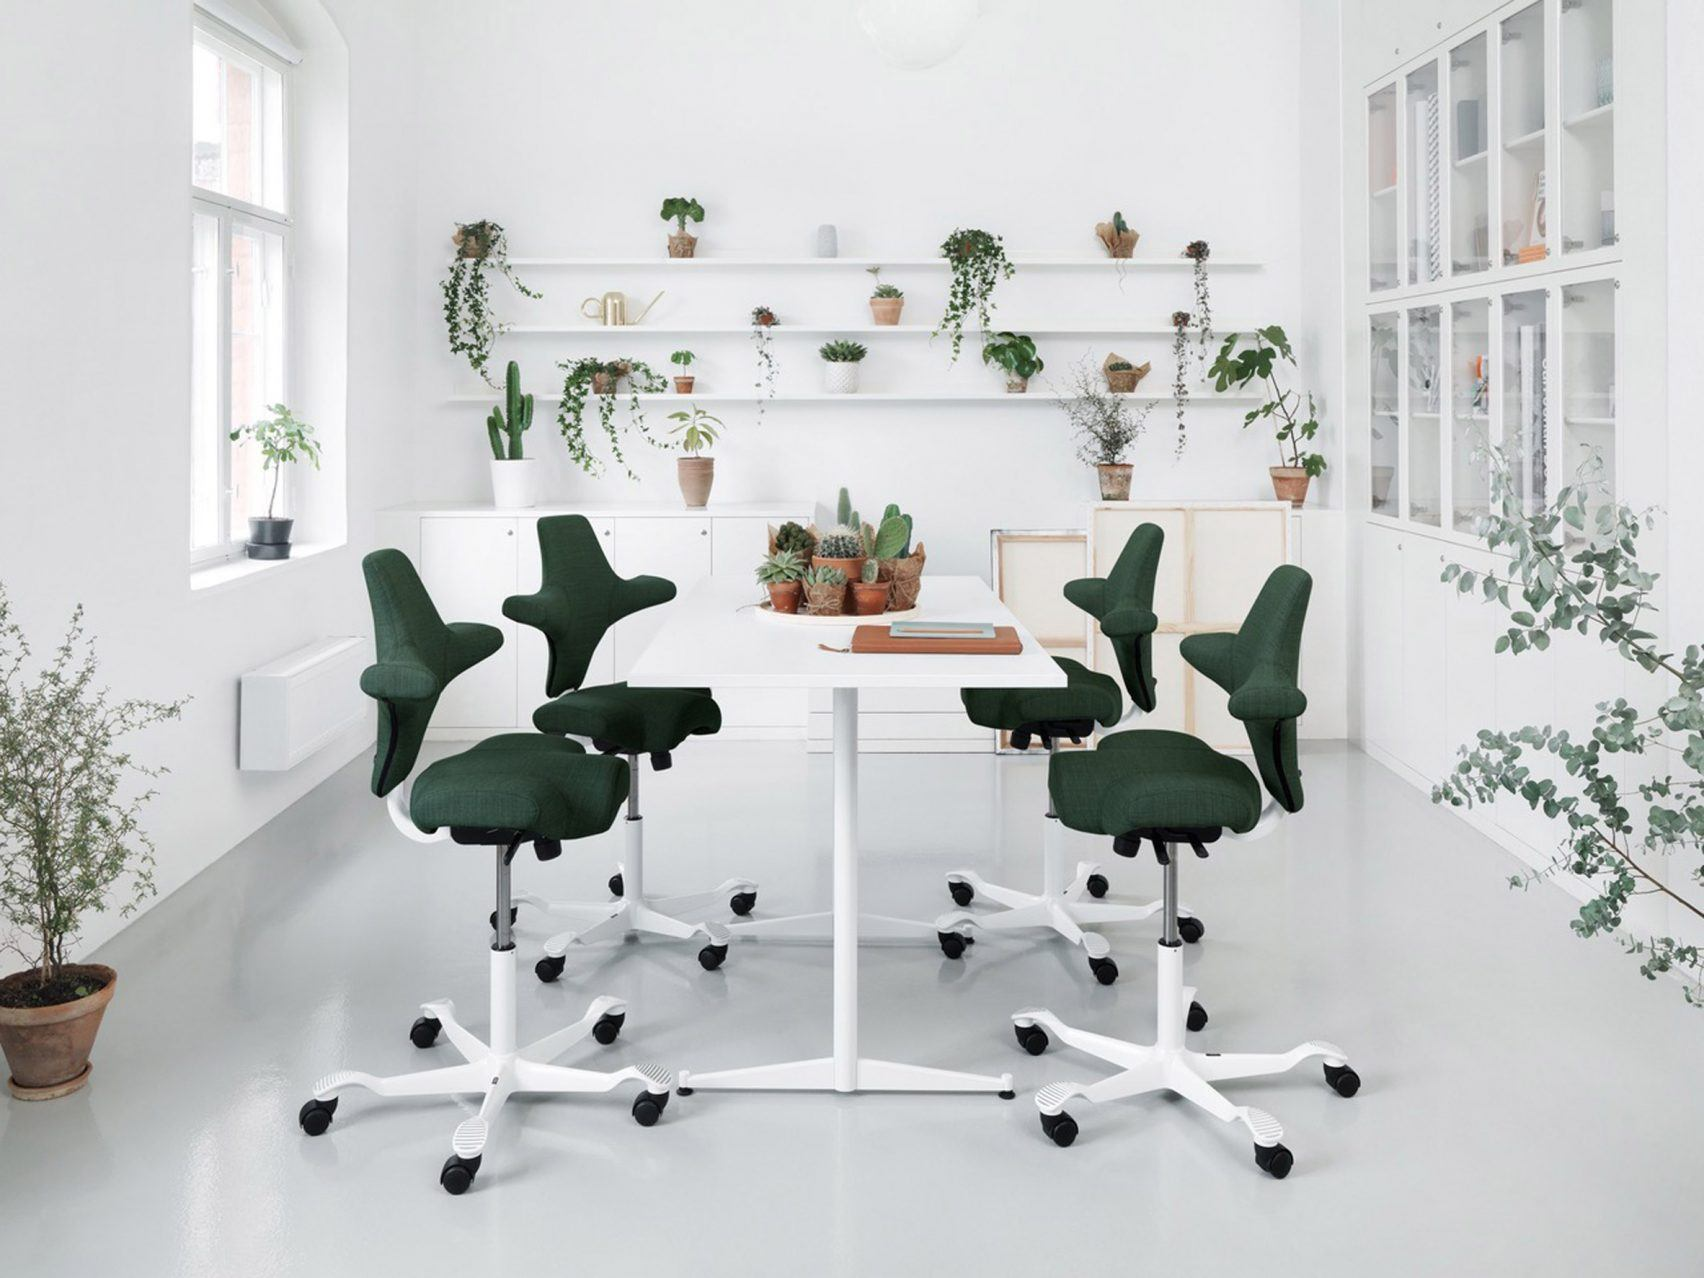 5 sedie di design (sostenibile) per portare l'attenzione all'ambiente anche a casa e in ufficio